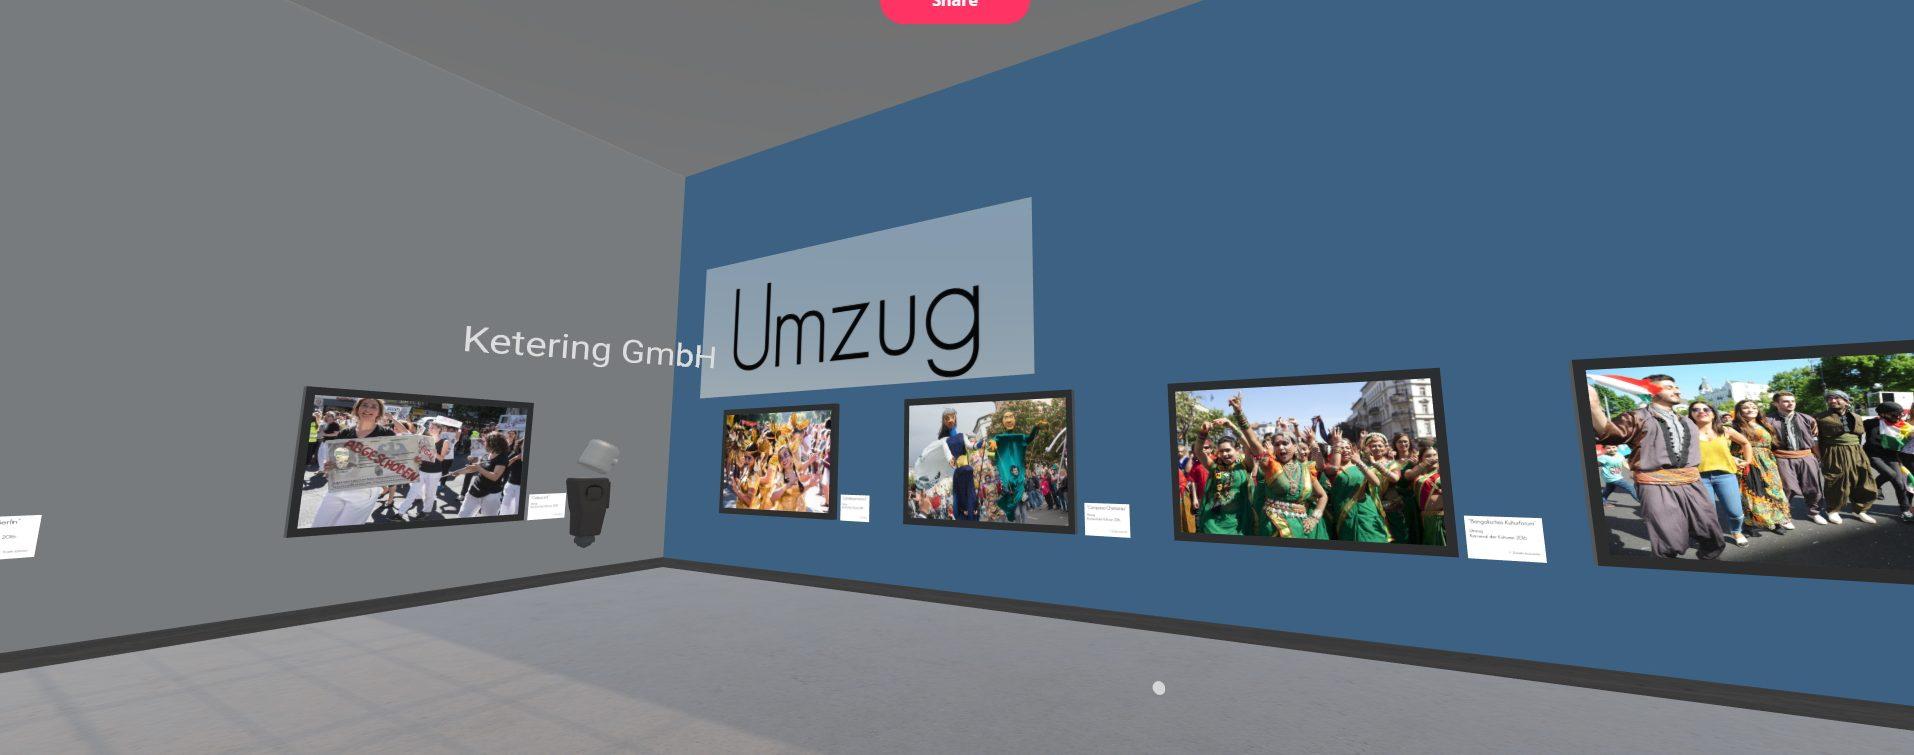 Karneval der Kulturen Umzug in virtueller Ausstellung